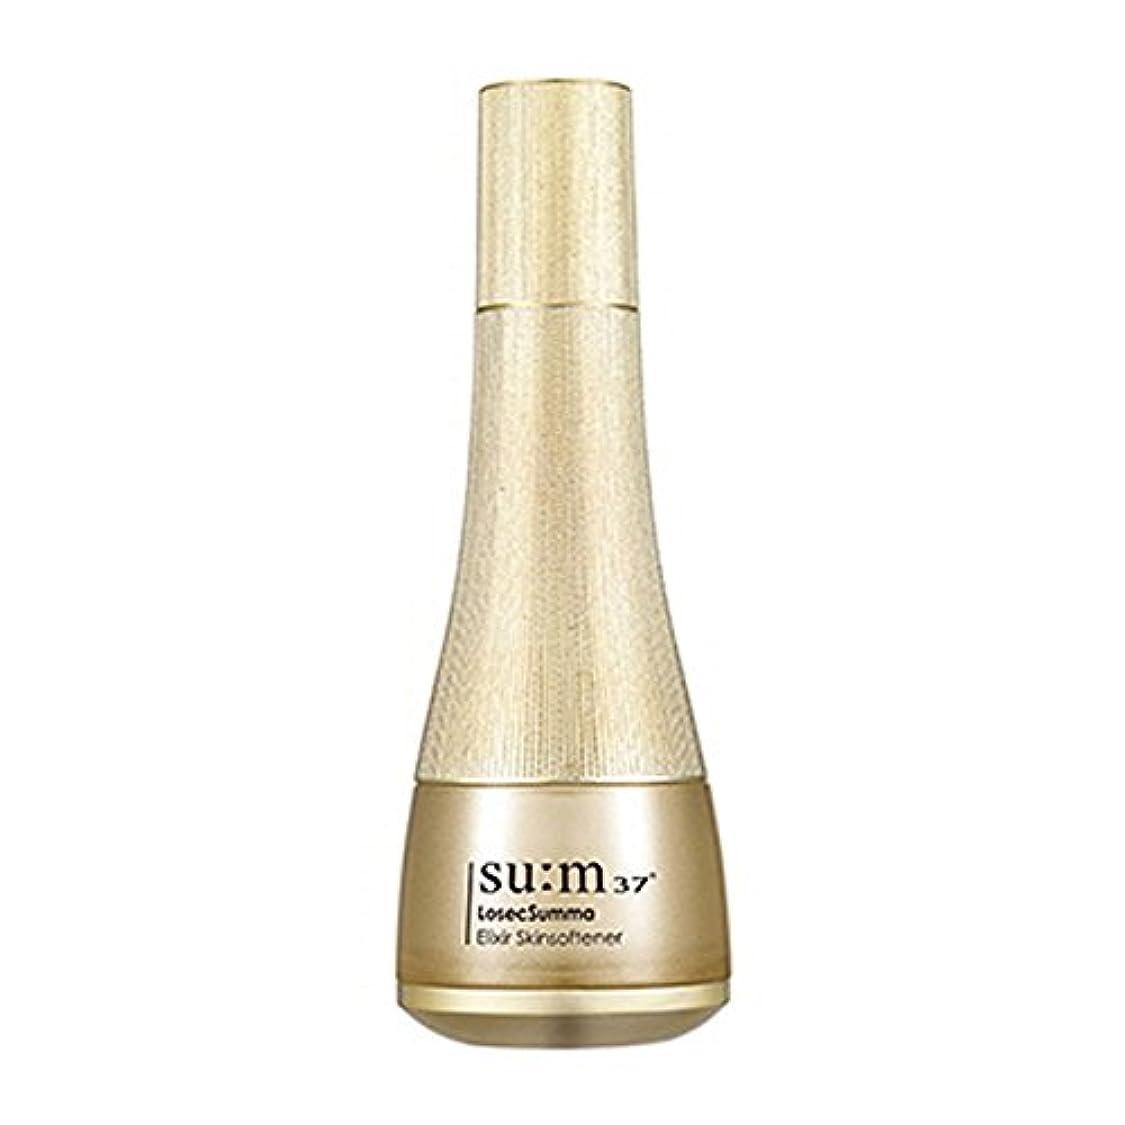 前売送信する航海の[スム37º] Sum37º ロッシク スムマ エリクサー スキンソフナー  LosecSumma Elixir Skinsoftner (海外直送品) [並行輸入品]